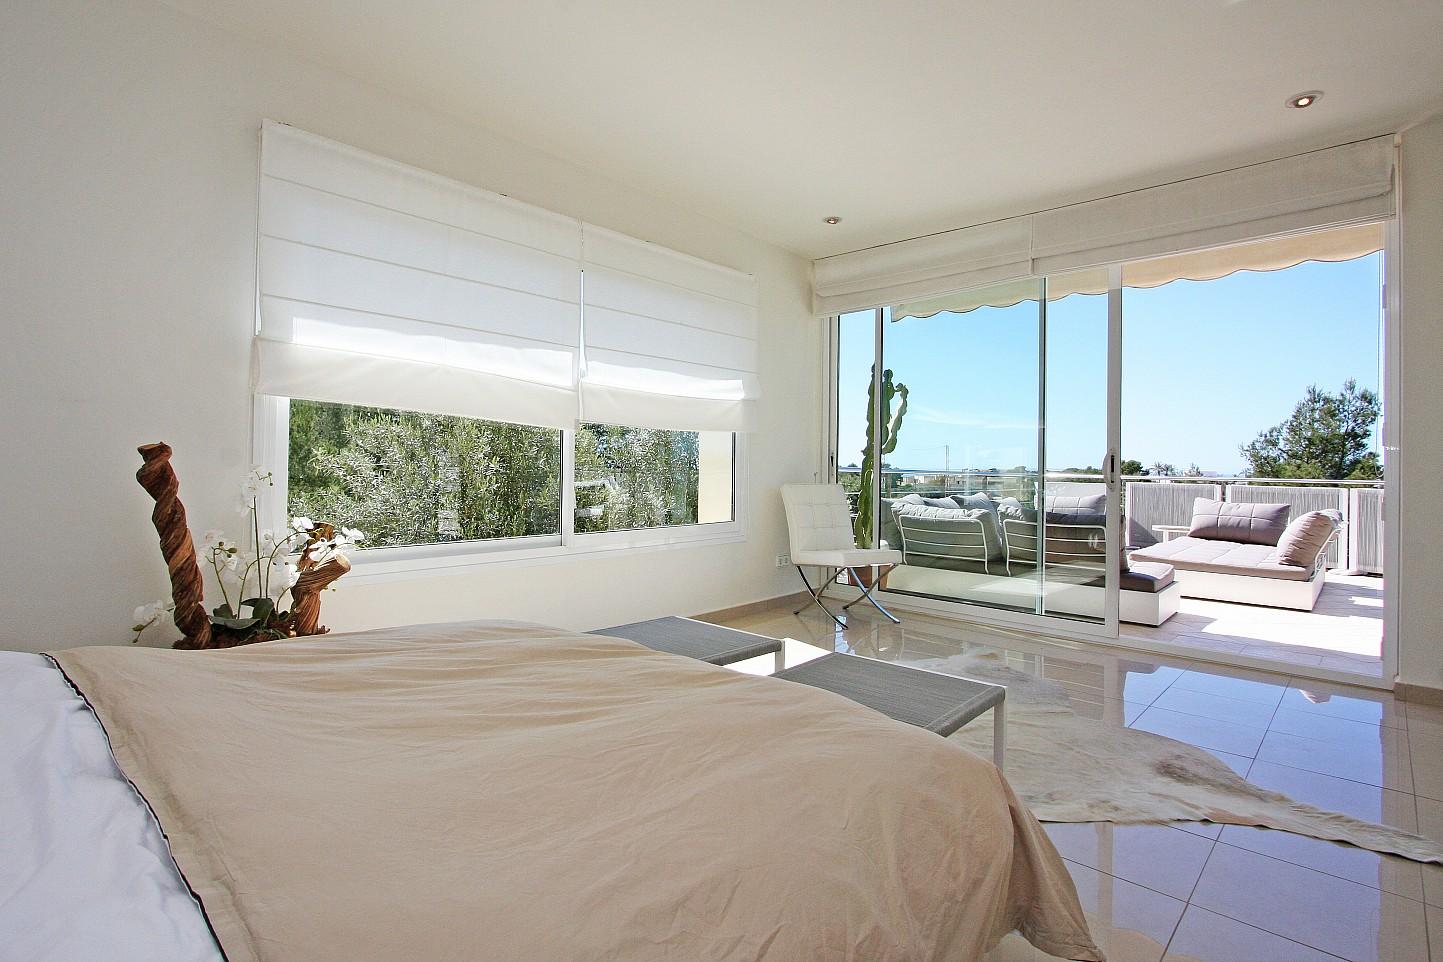 Dormitori amb accés a la gran terrassa